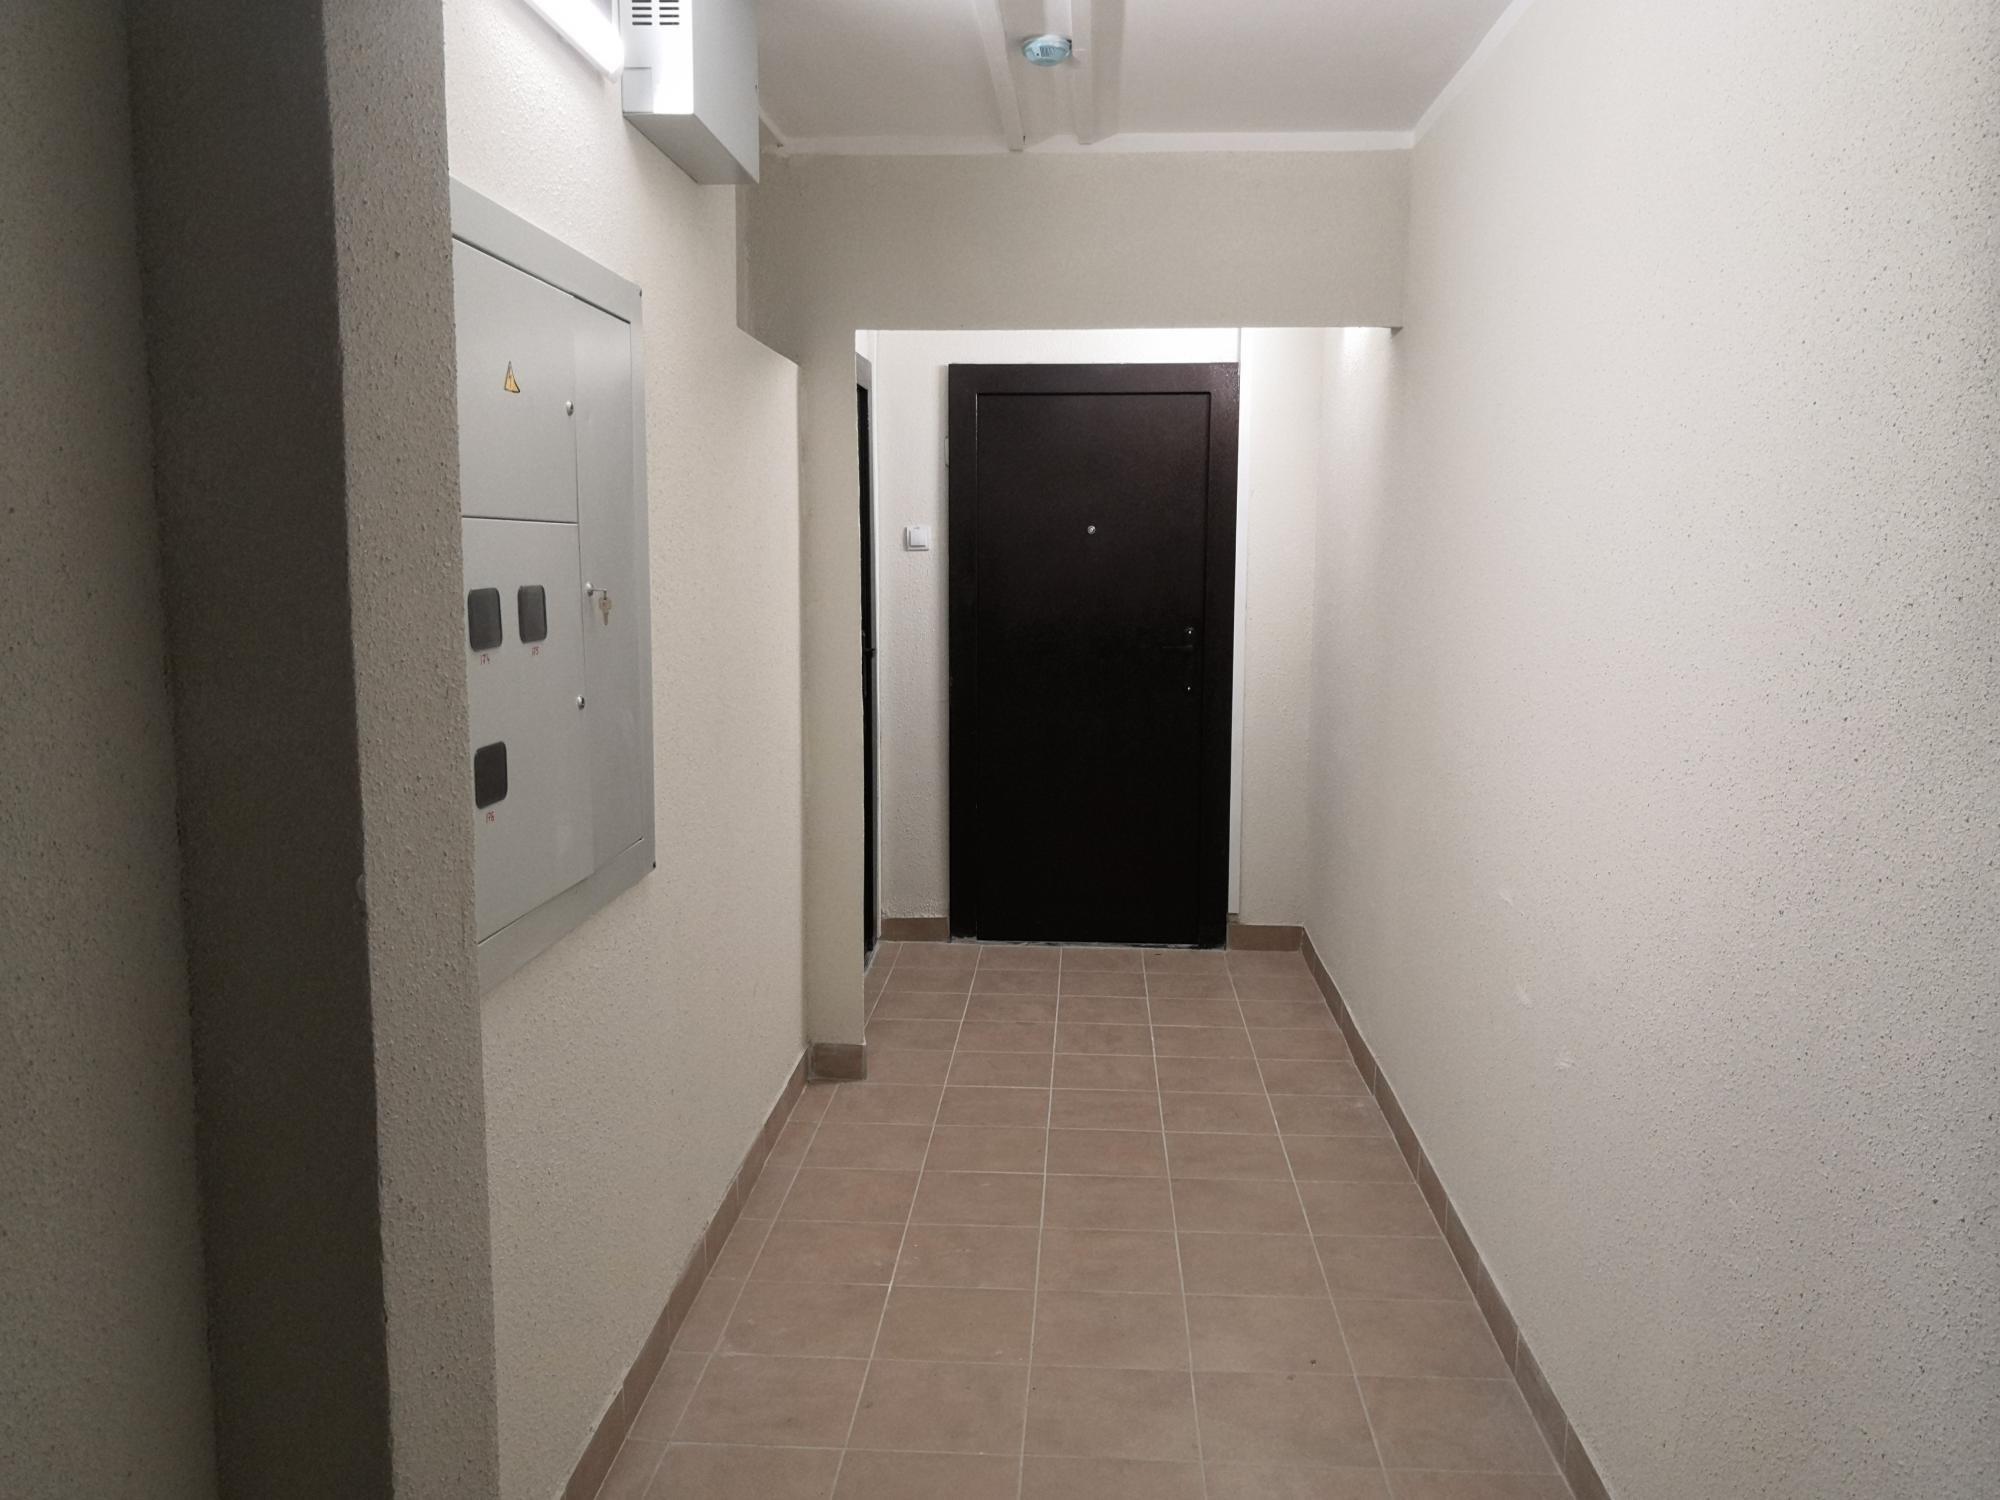 2к квартира Ольховая улица, 12 | 16500 | аренда в Красноярске фото 8